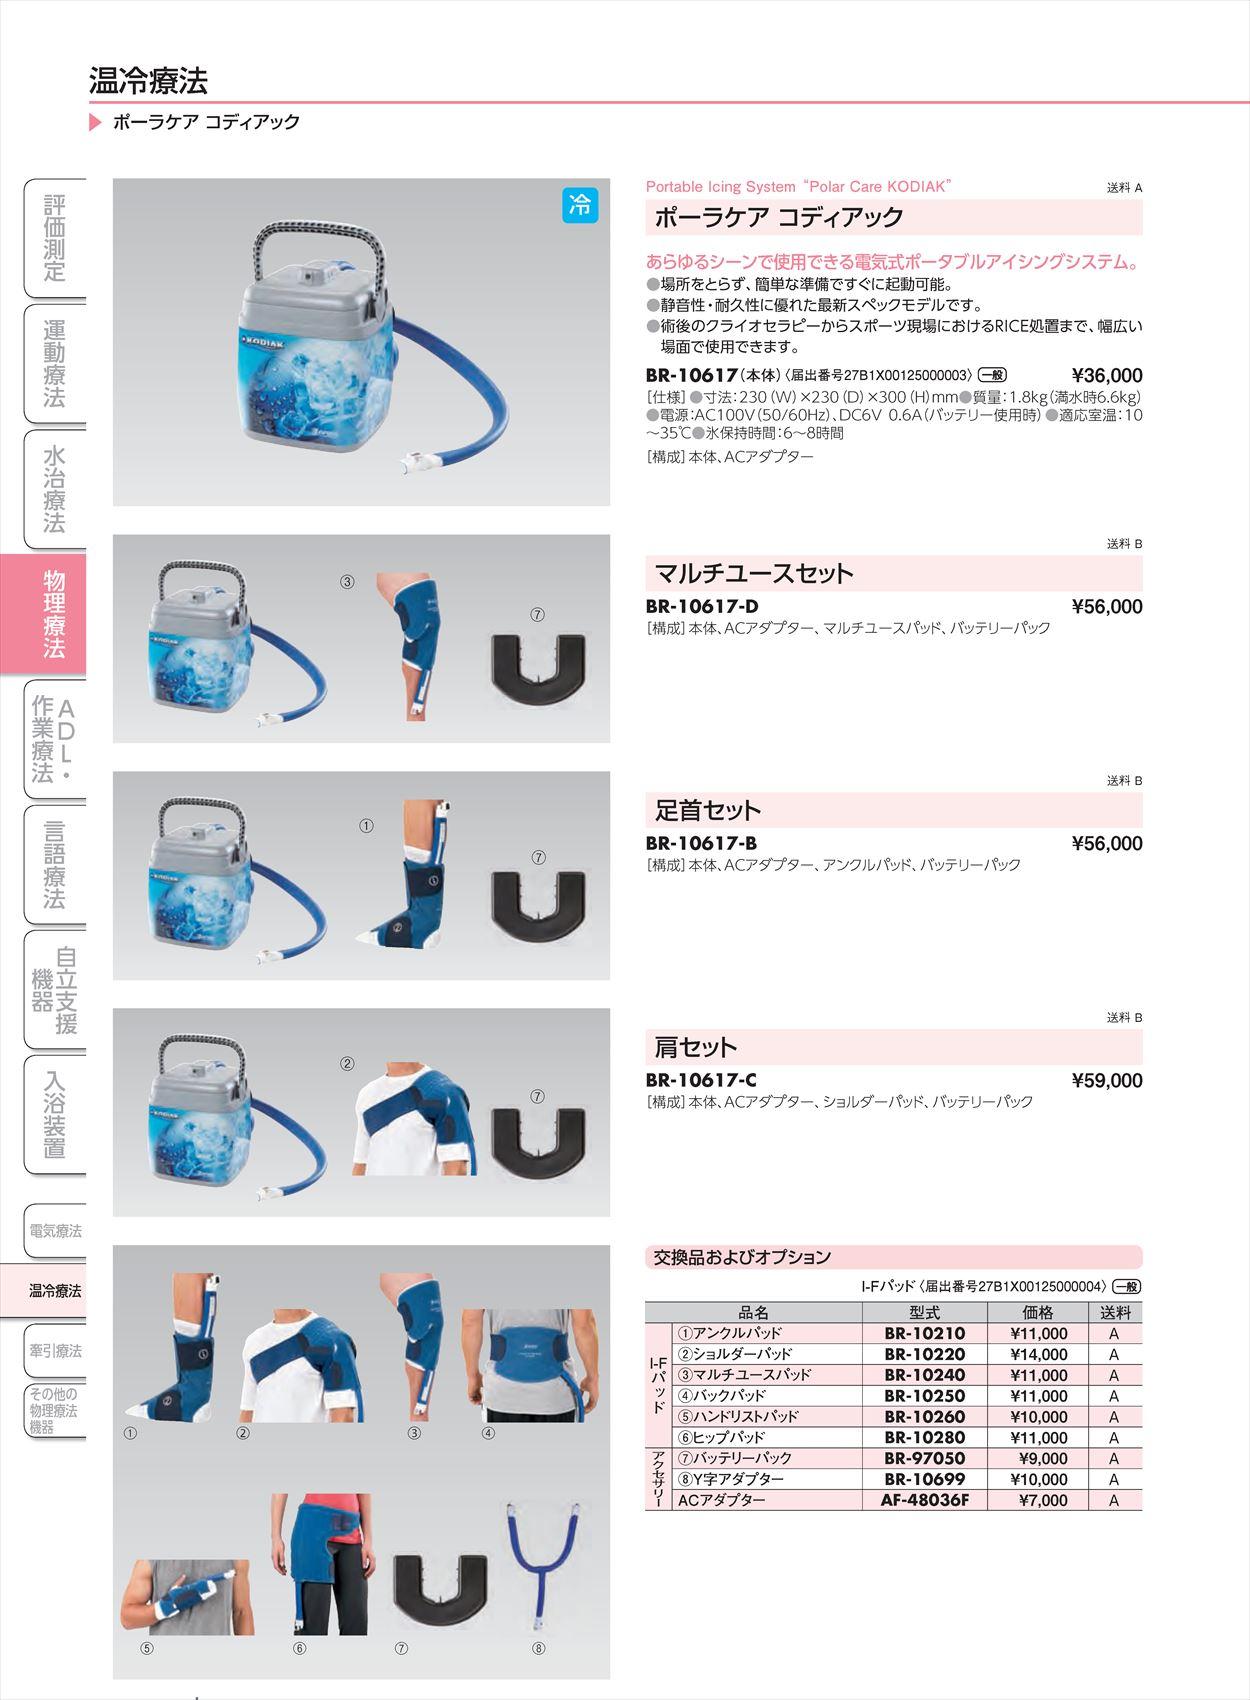 ポーラルケアコディアック ショルダーパッドBR-10220[個](sa14Q32851)【酒井医療】